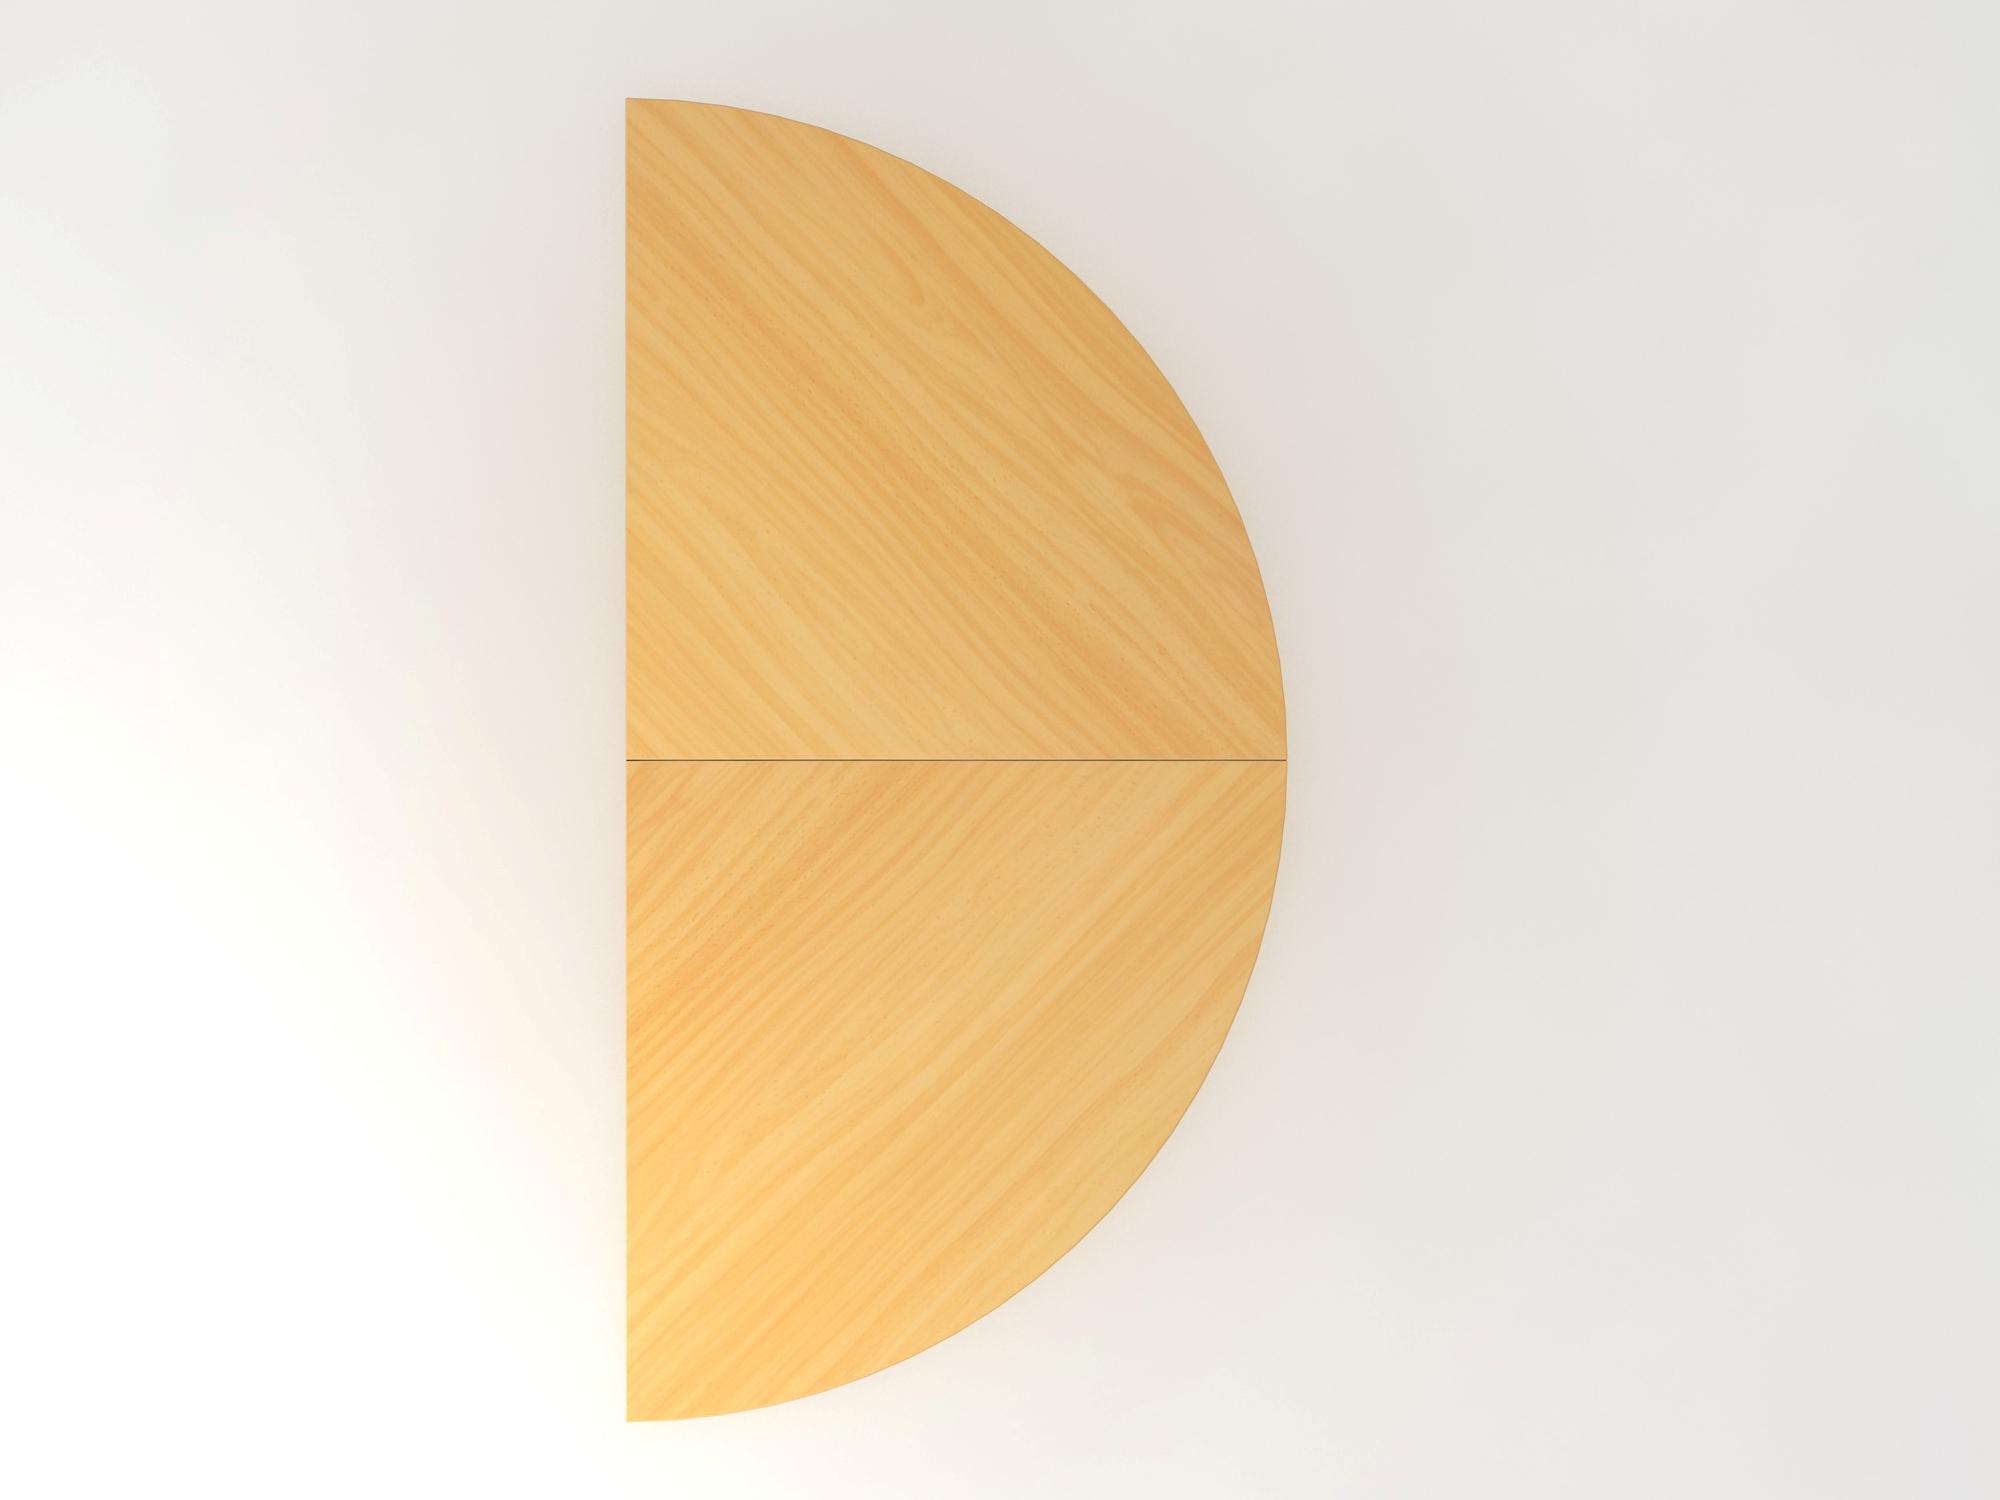 Anbautisch 2xViertelkreis/STF Buche/Schwarz